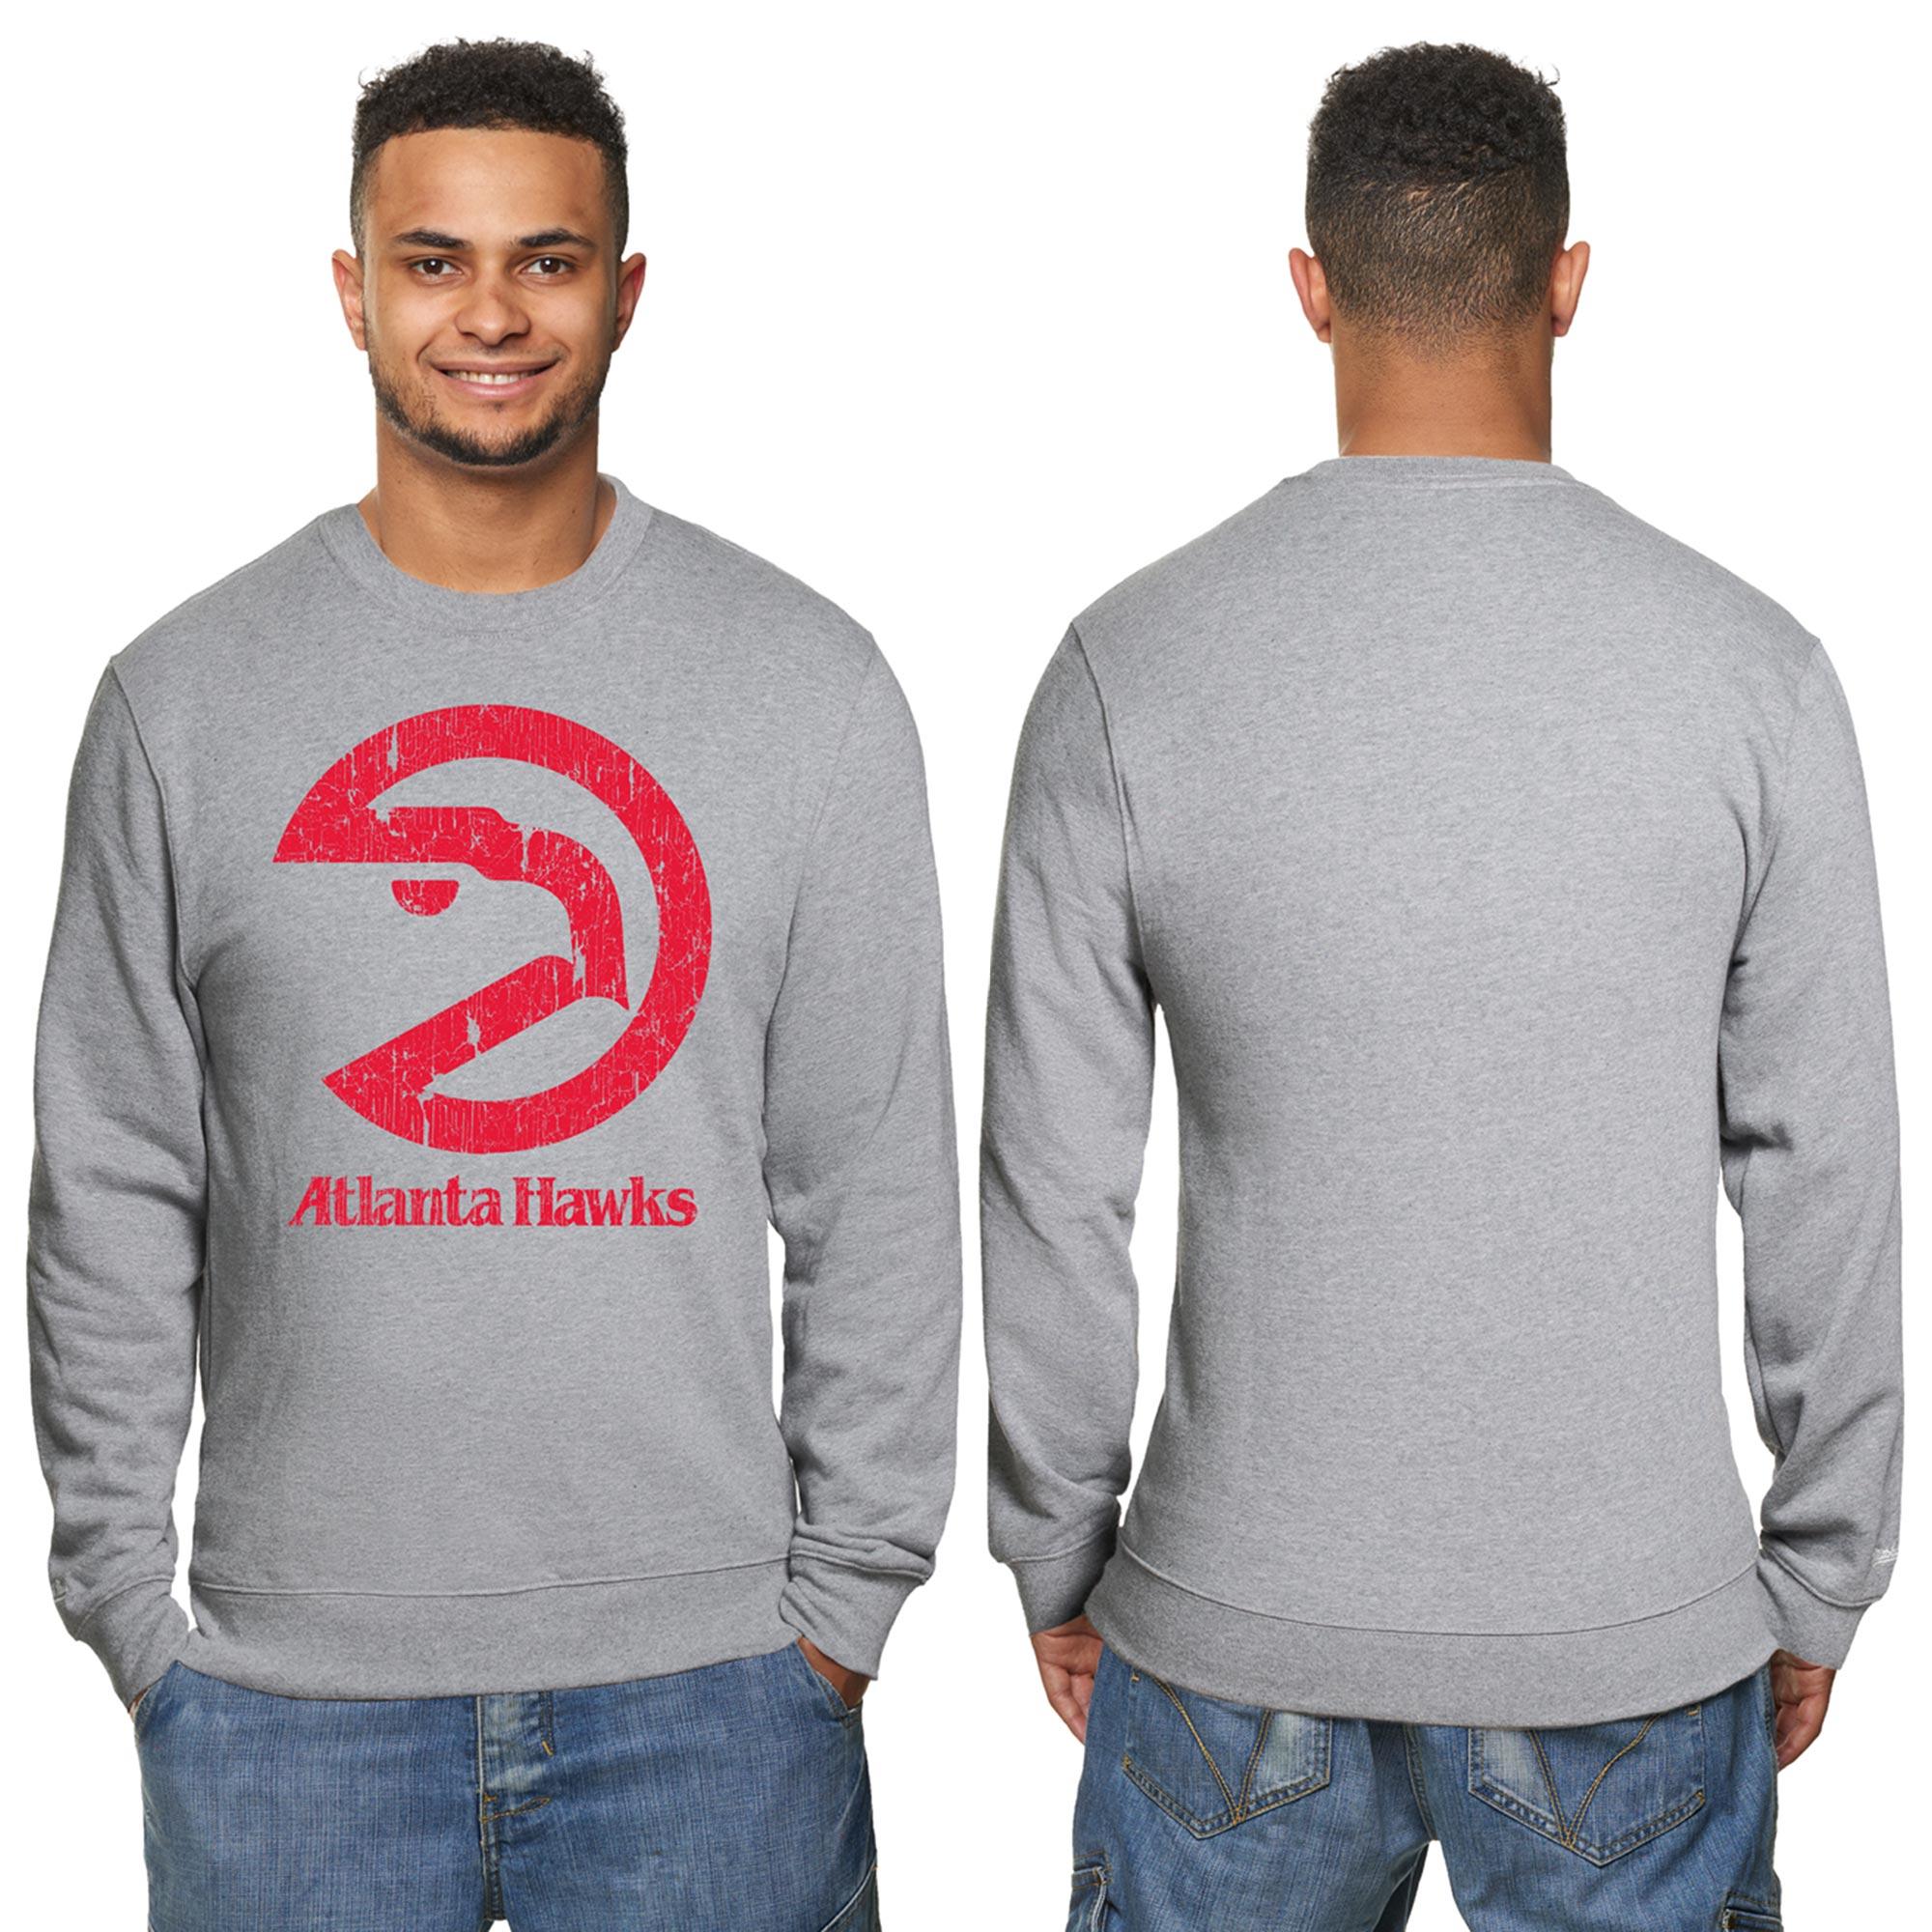 Club Branded / Sudadera con cuello redondo Hardwood Classics de los Atlanta Hawks con efecto desgastado en gris jaspeado para hombre